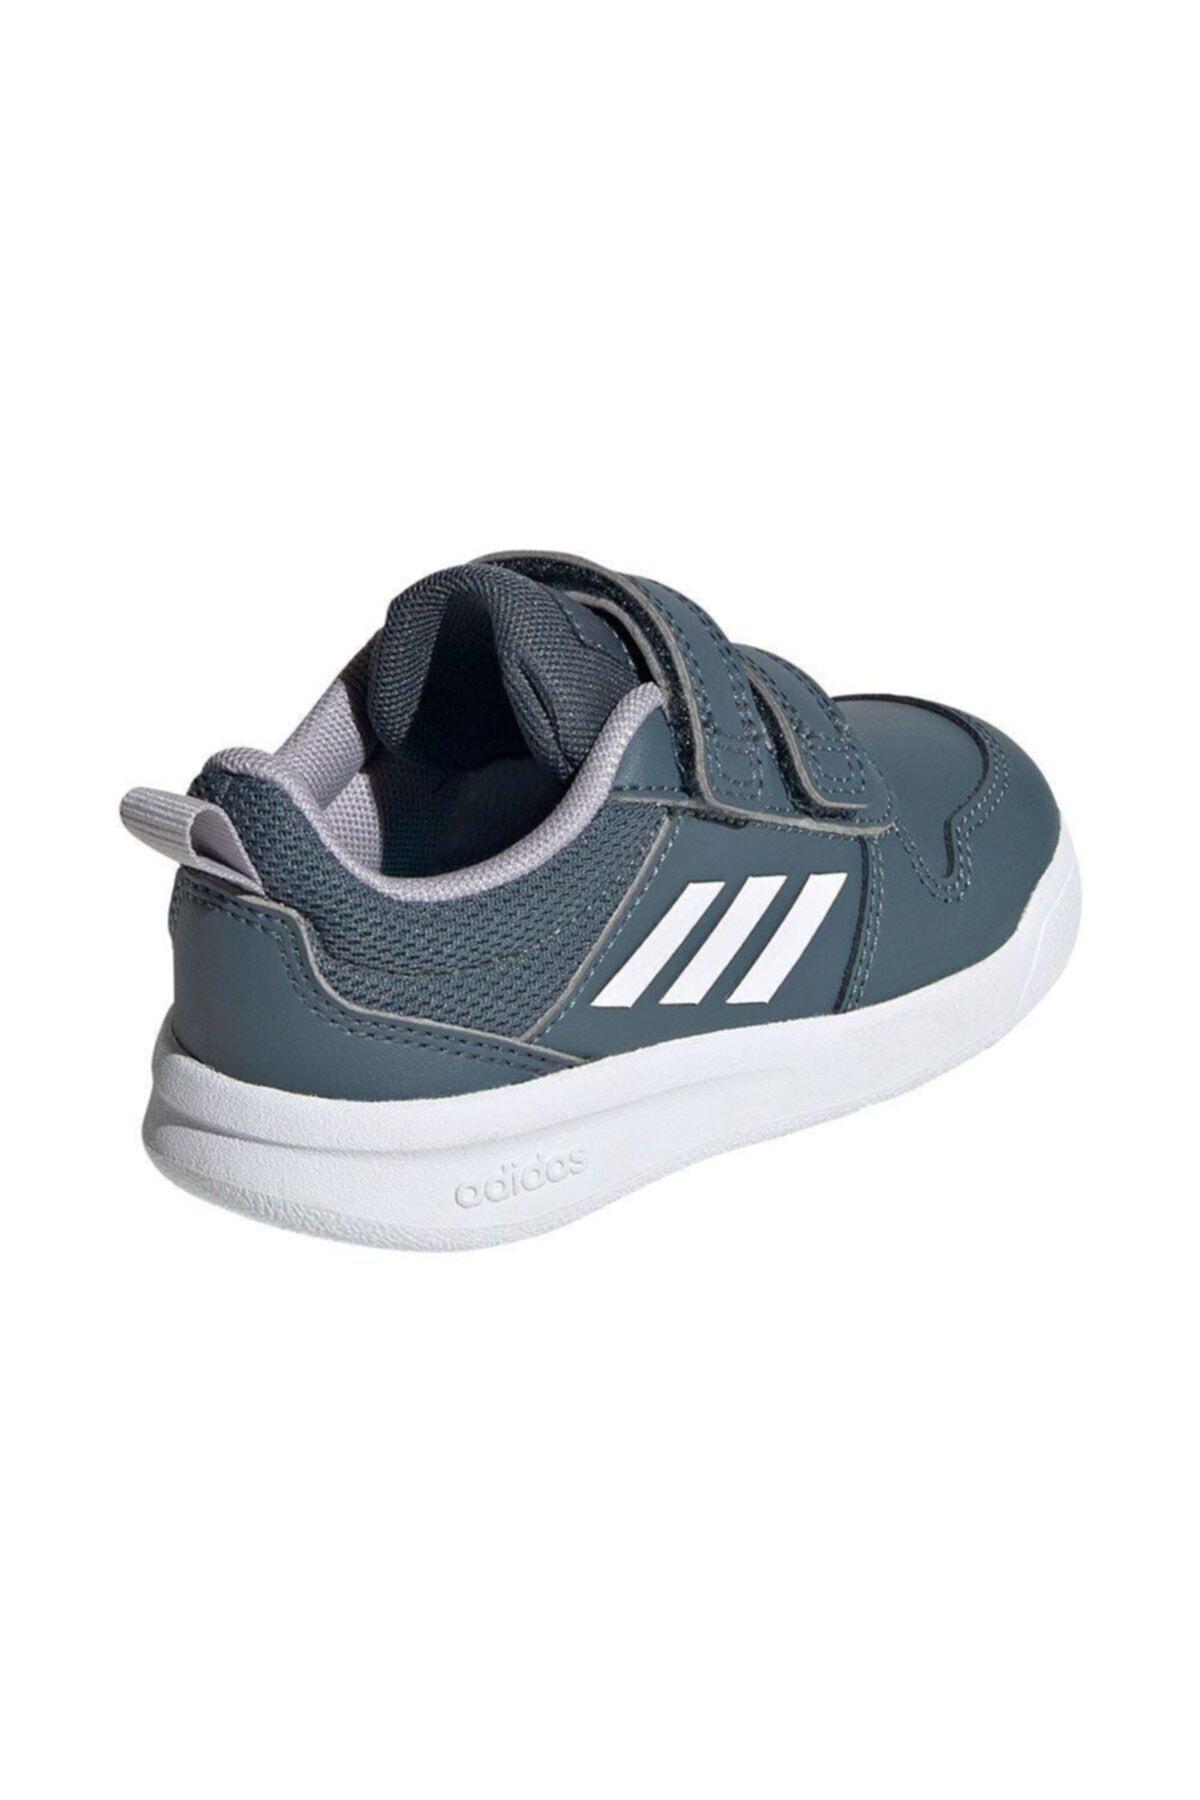 adidas TENSAUR I Koyu Gri Erkek Çocuk Koşu Ayakkabısı 100663759 2